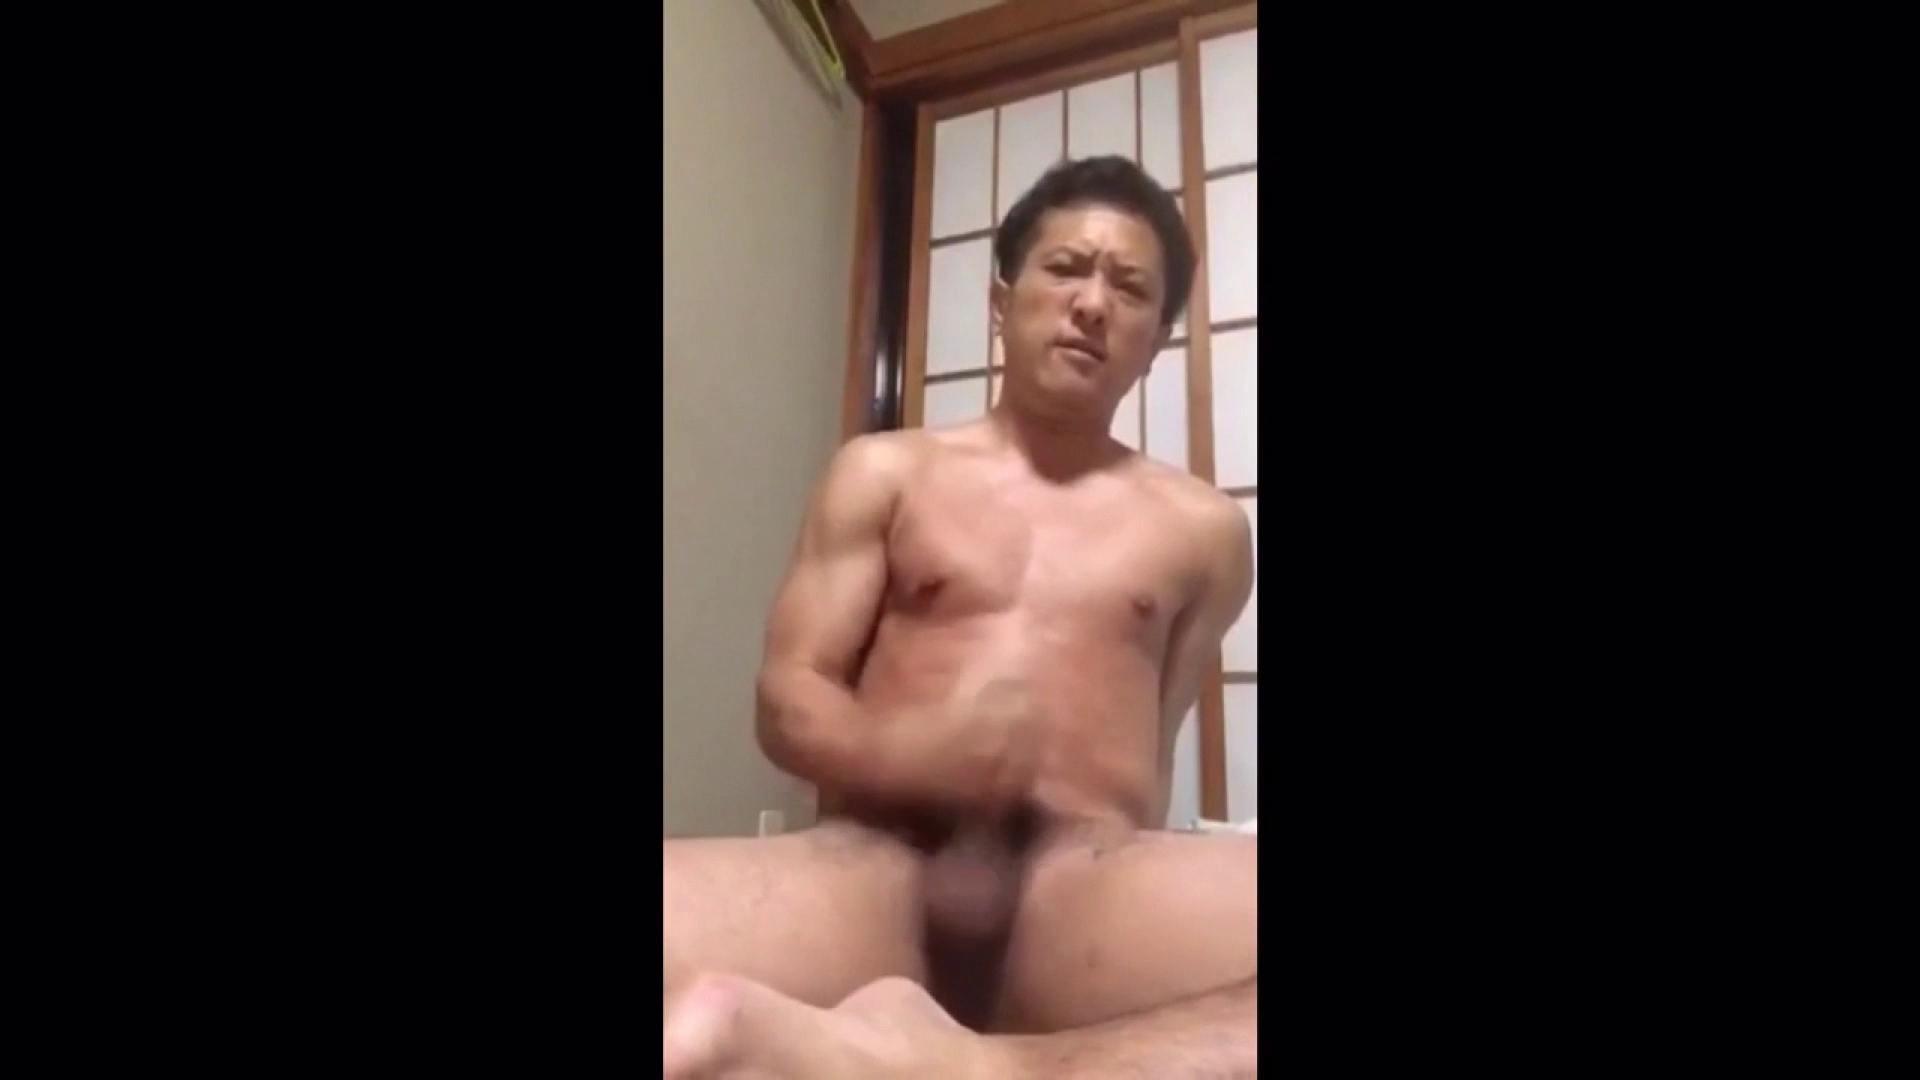 個人撮影 自慰の極意 Vol.25 手コキ AV動画 91枚 71